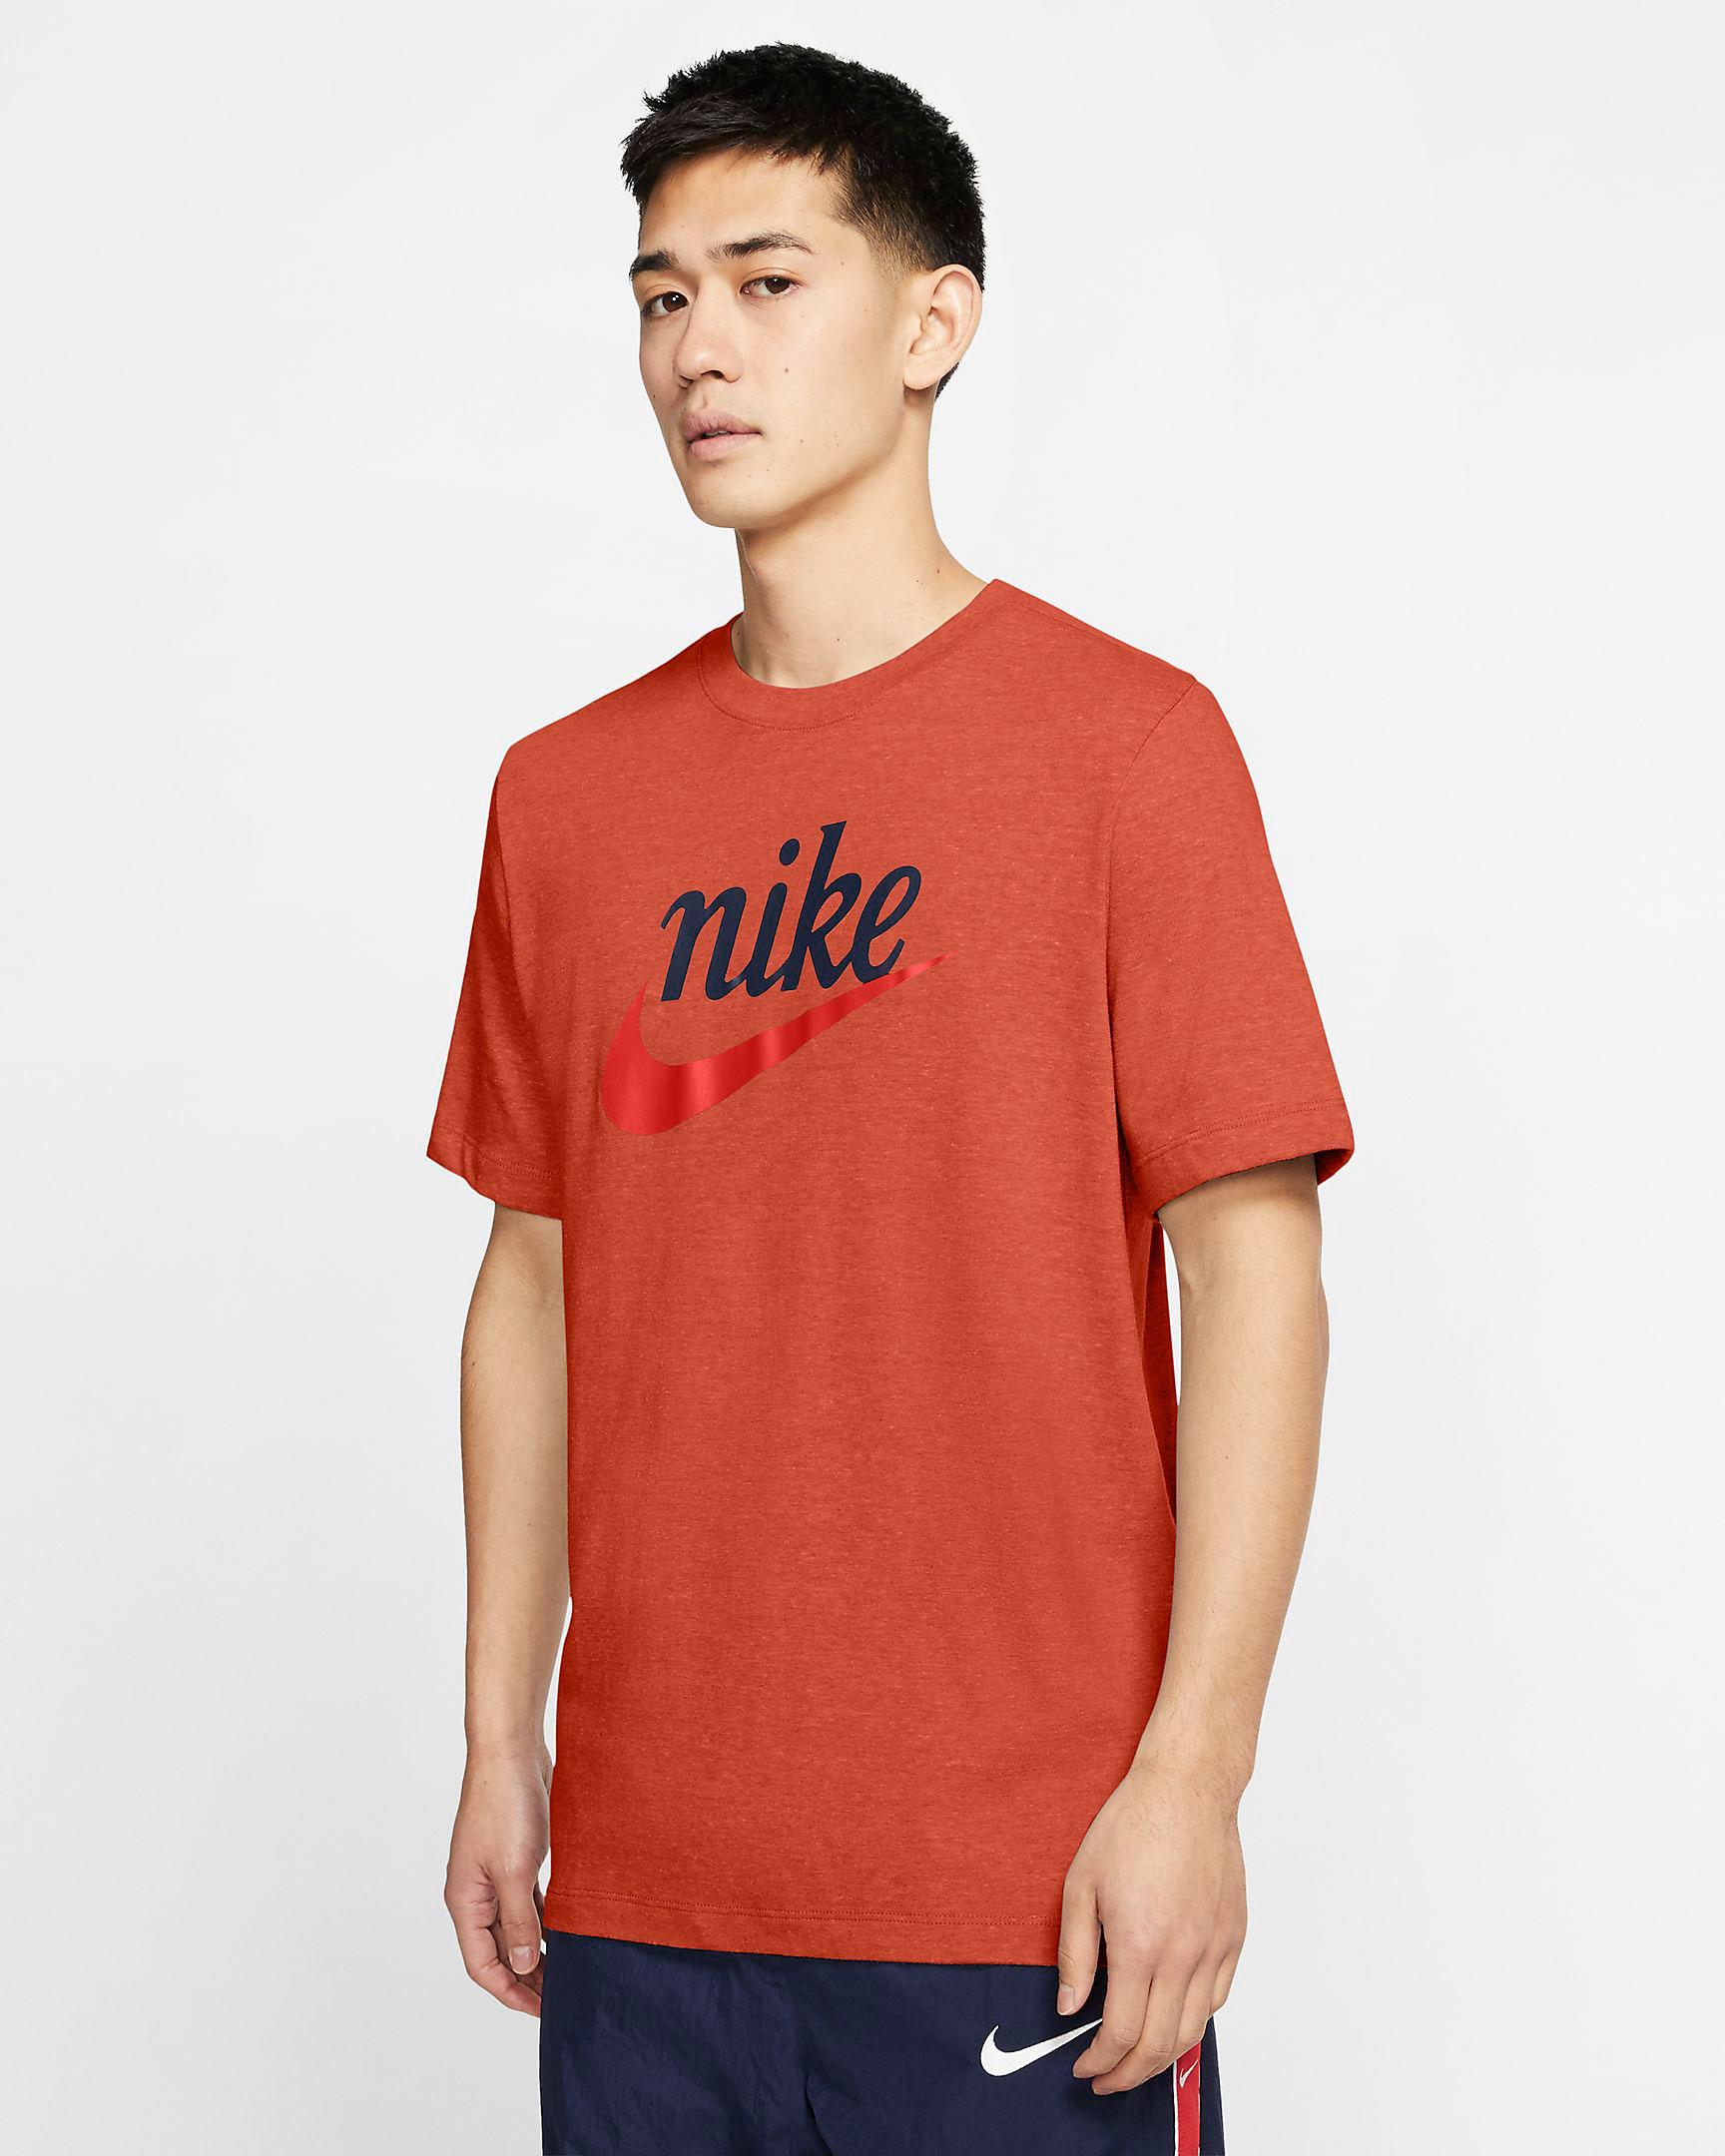 nike-air-force-1-craft-mantra-orange-tee-shirt